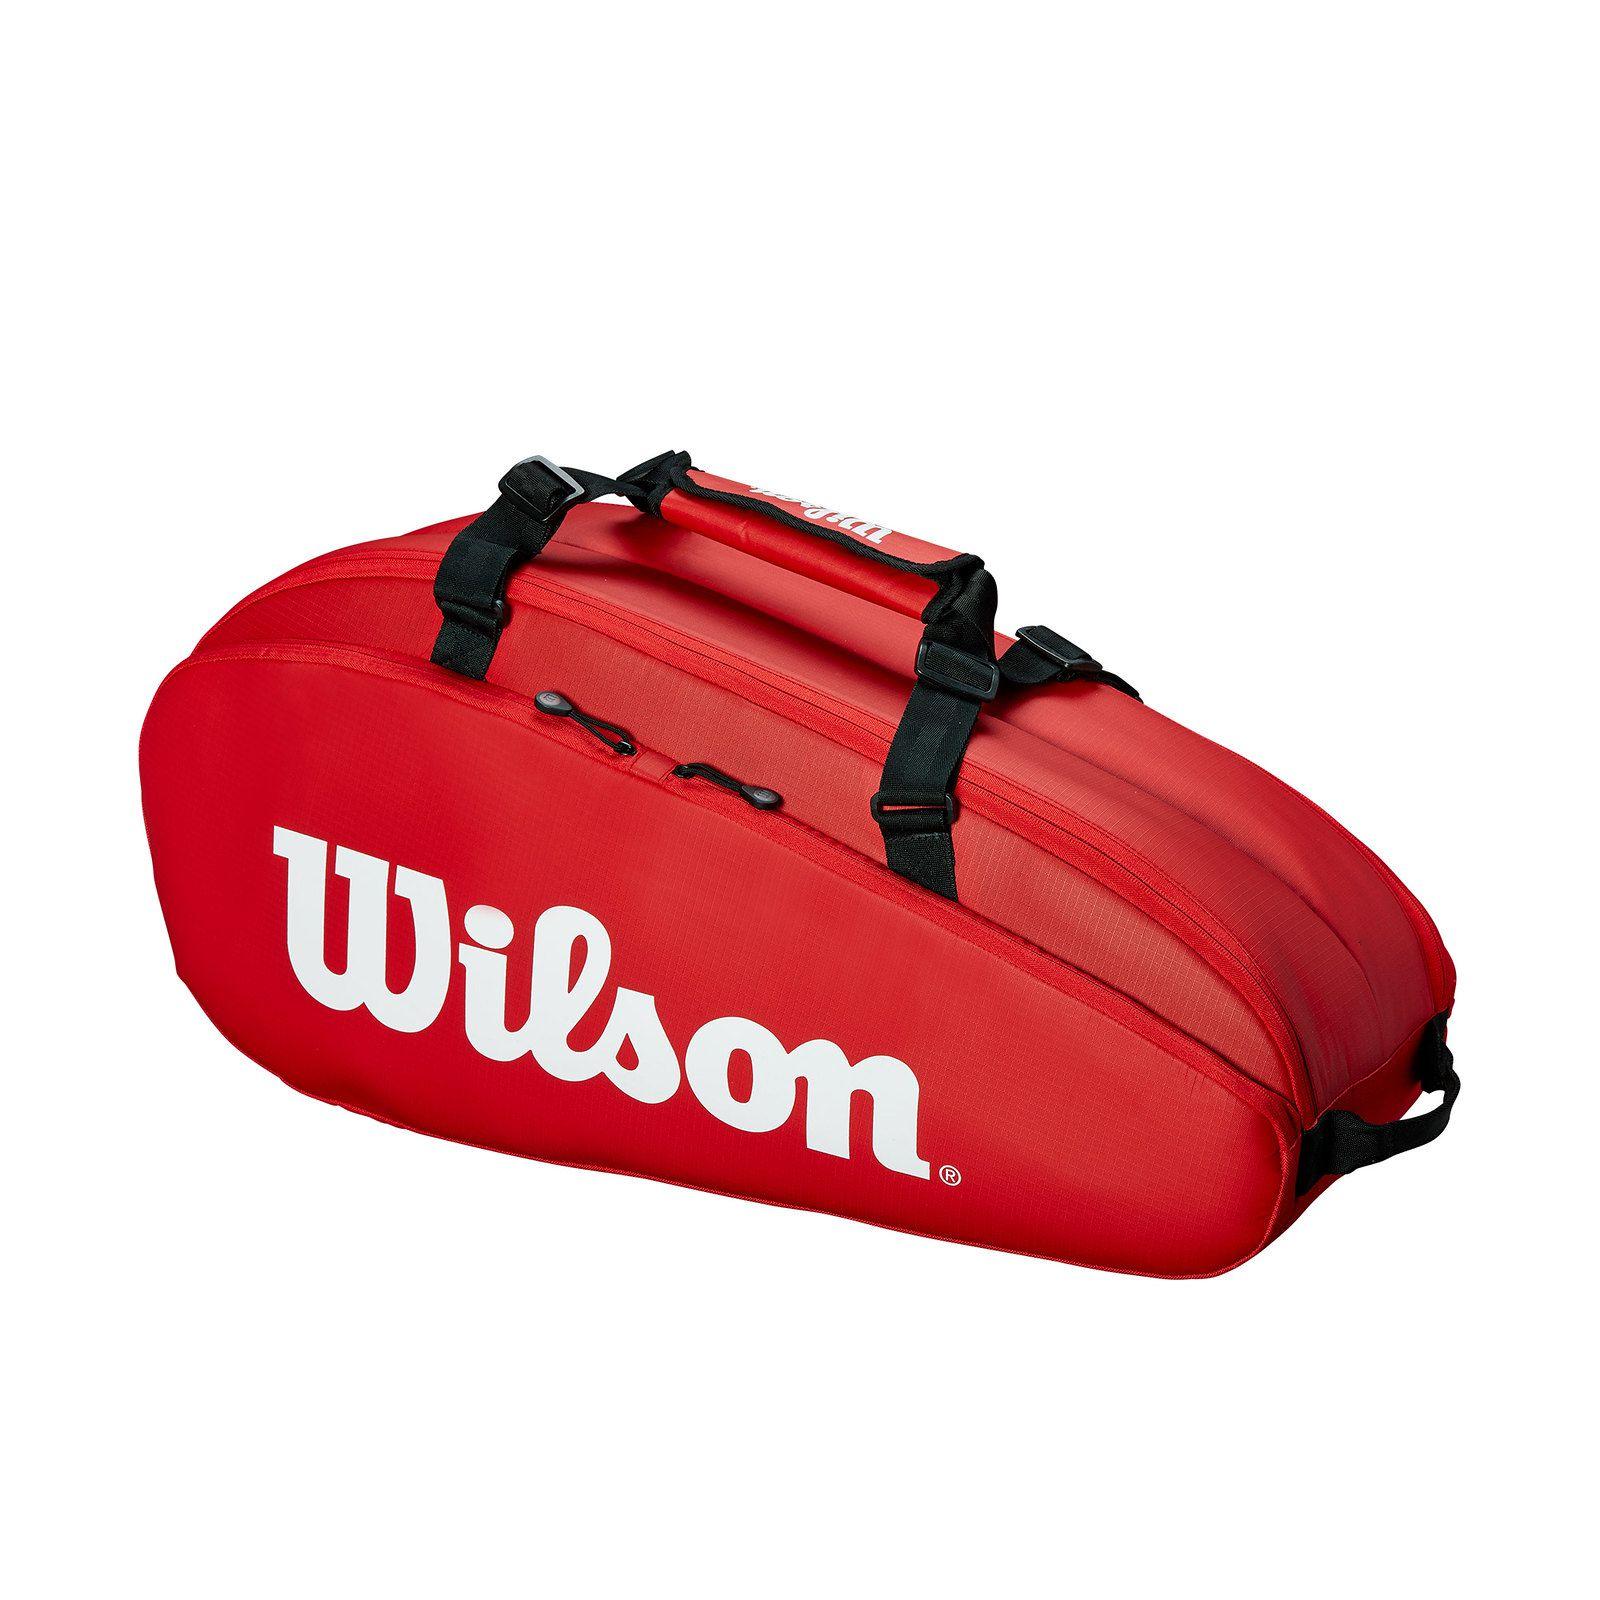 Raqueteira Wilson Dupla Tour 2 Comp x9 Red